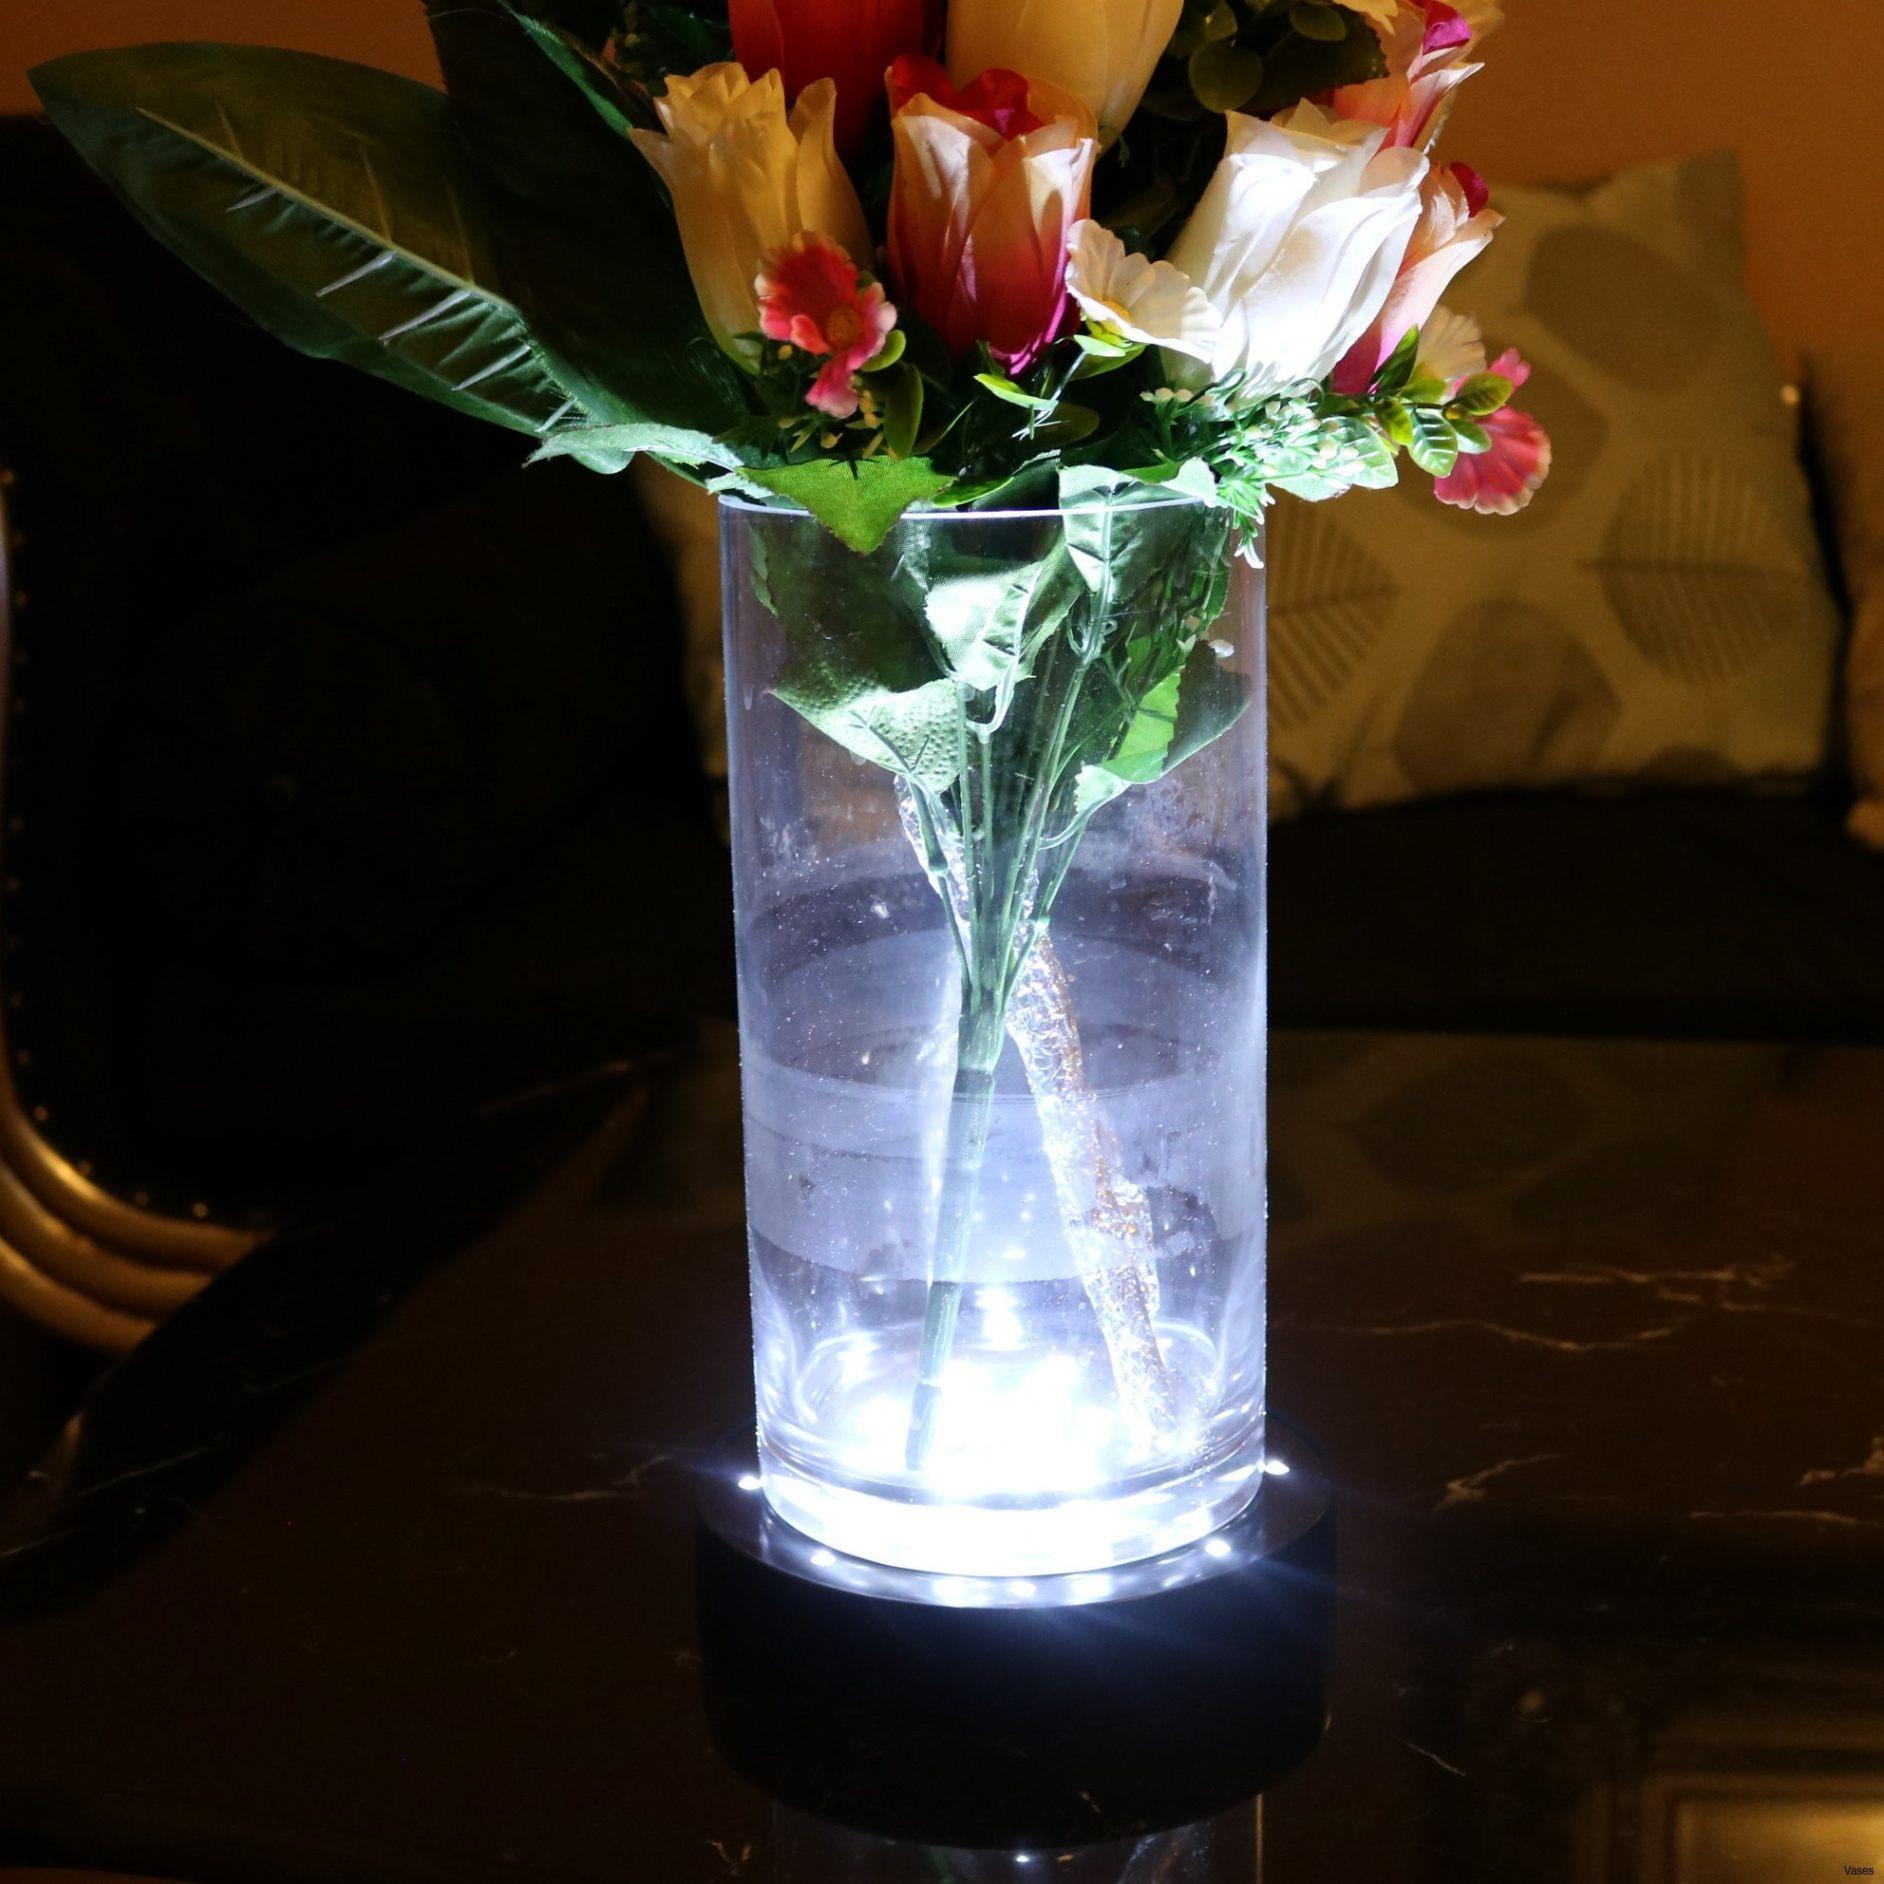 Lit 2 Metre Unique Vases Disposable Plastic Single Cheap Flower Rose Vasei 0d Design